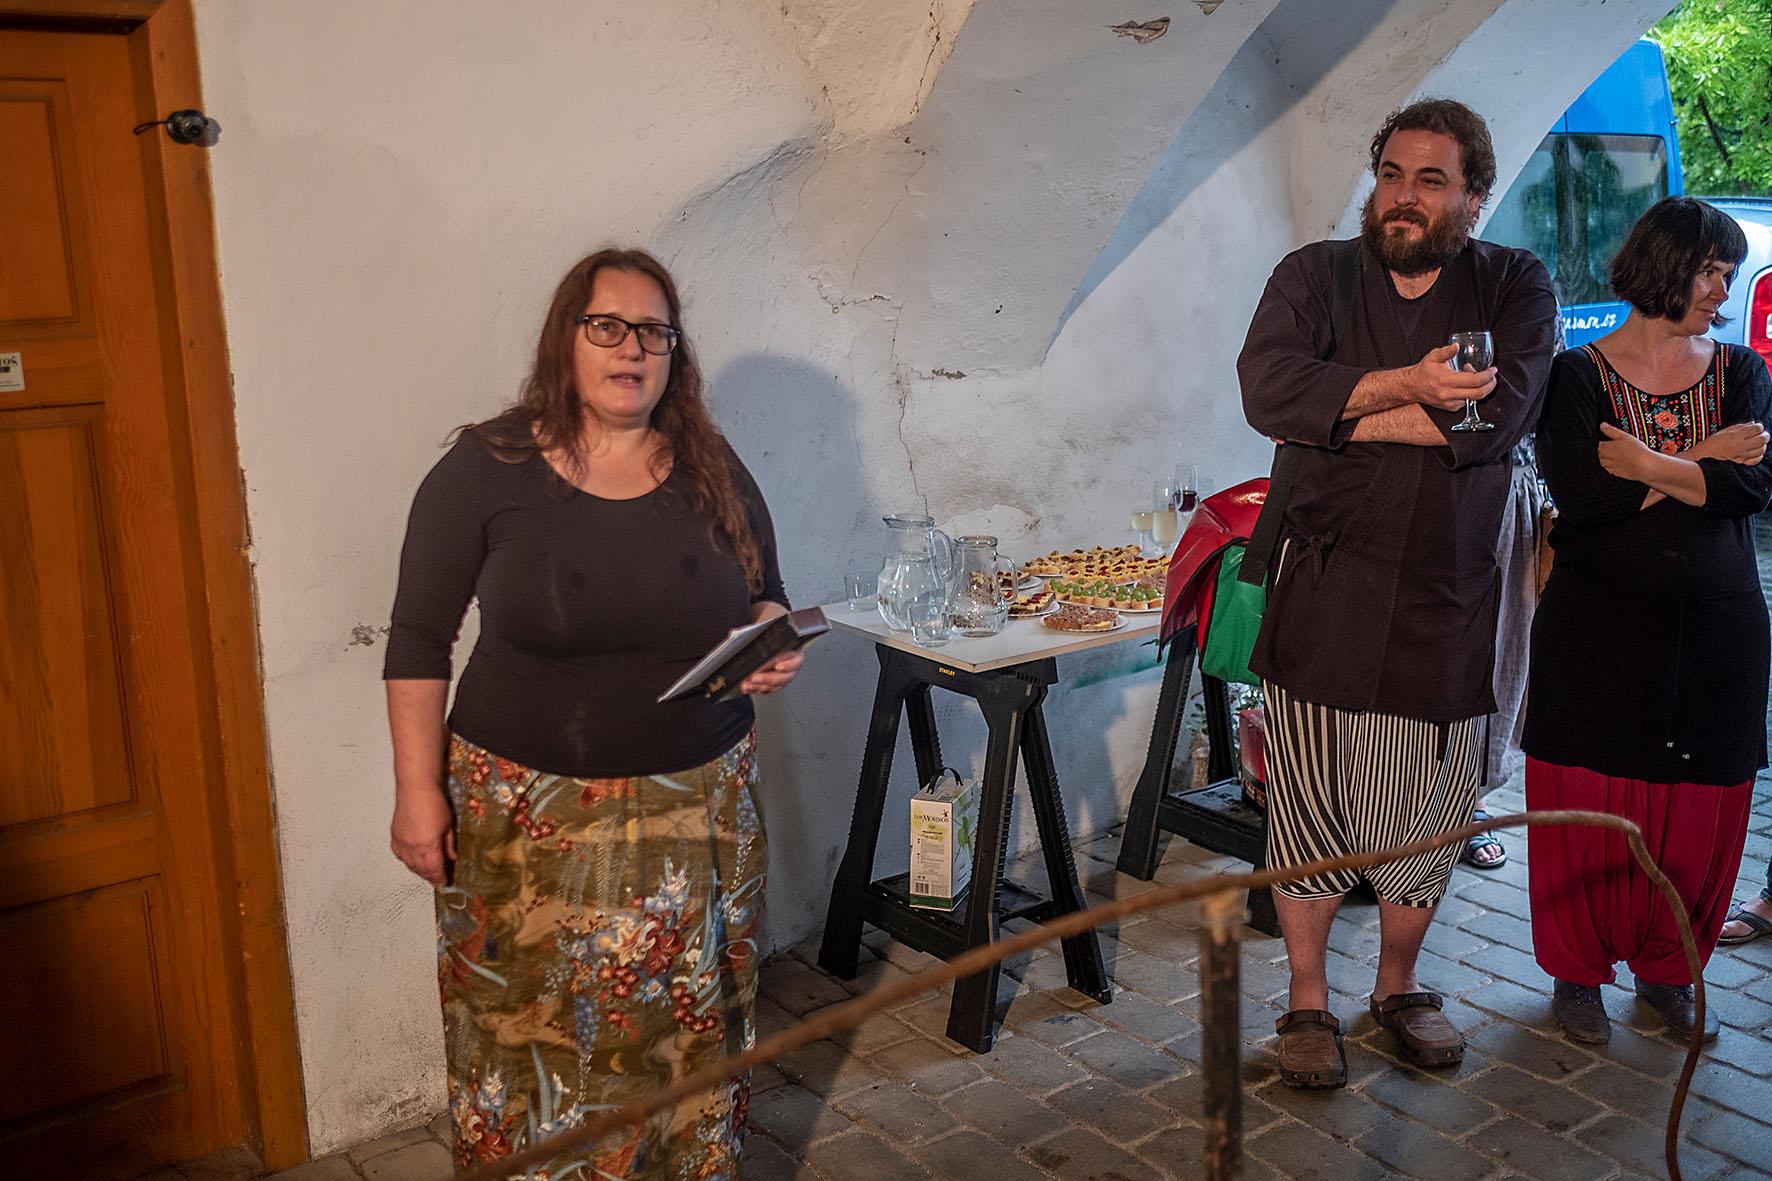 Autoři Robert Smolík a Radka Mizerová. Vernisáž Sympozia umění a odpad, odpad a umění I